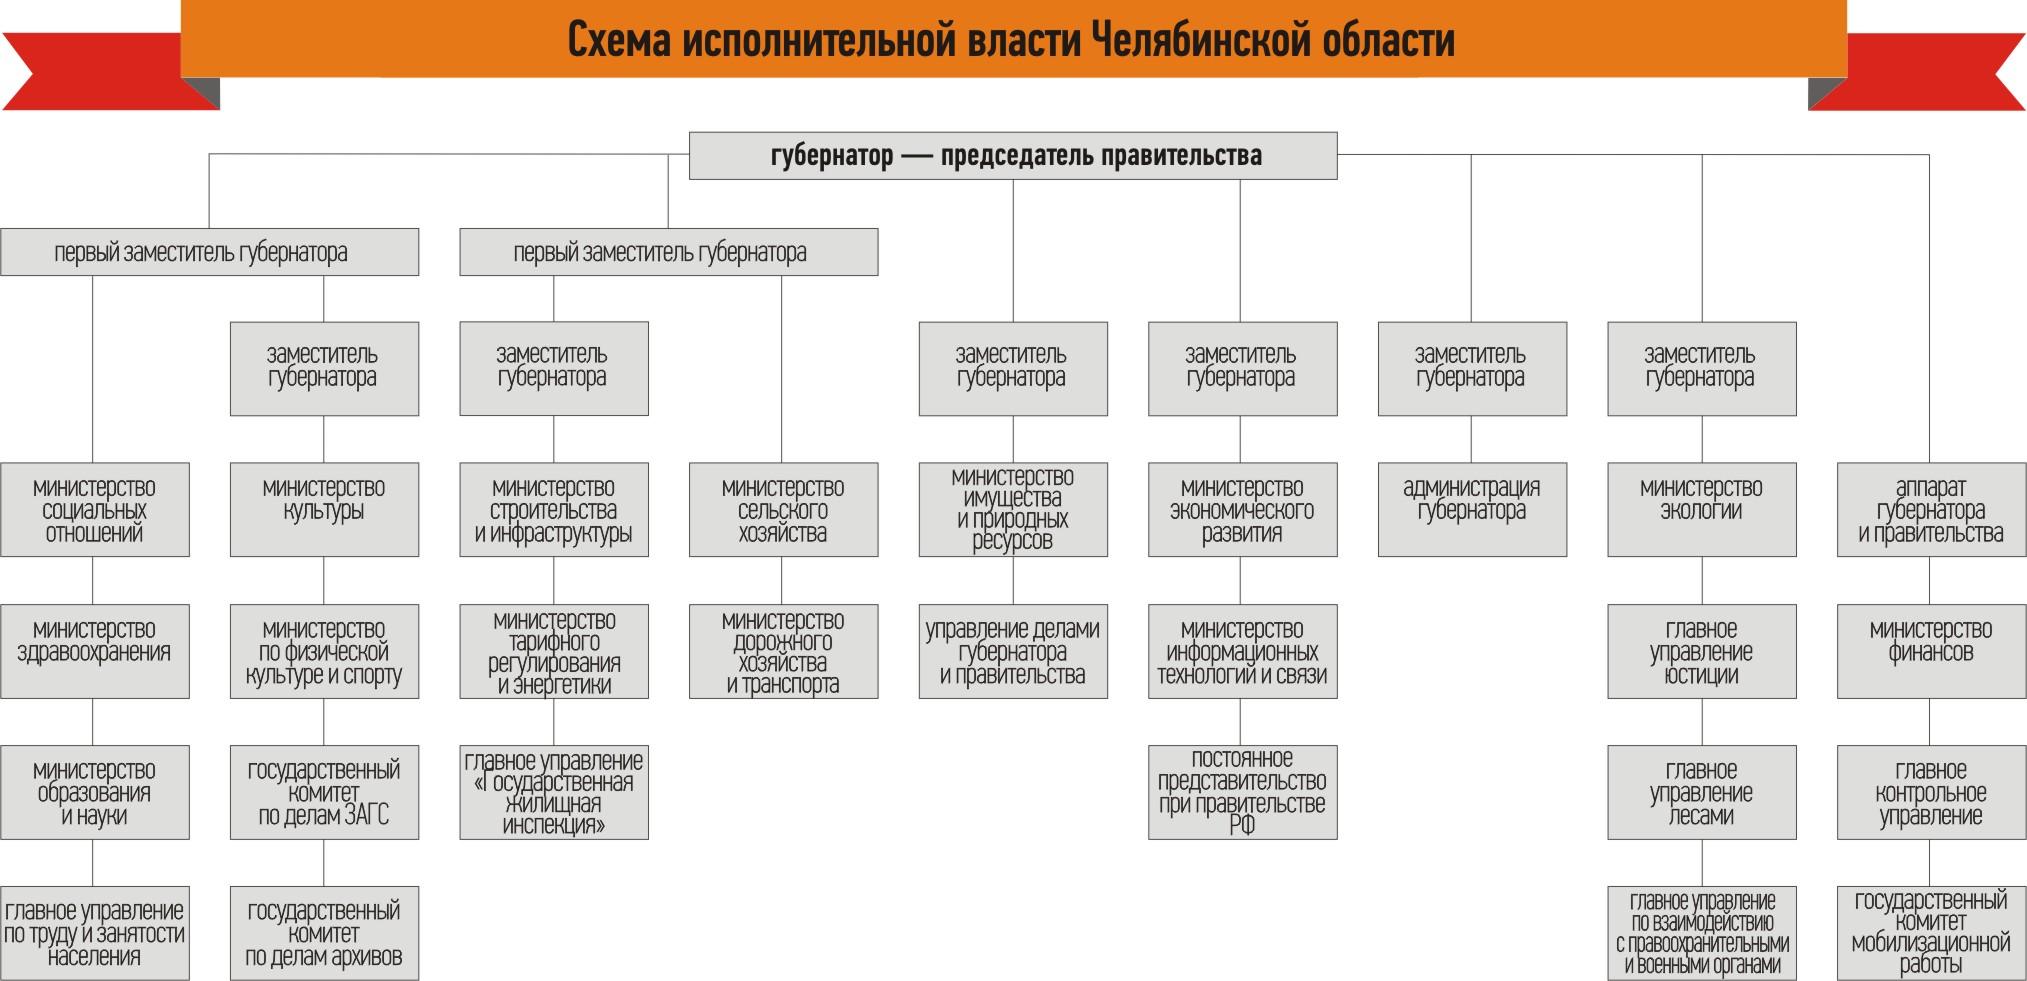 Правительство рф 2018 схема